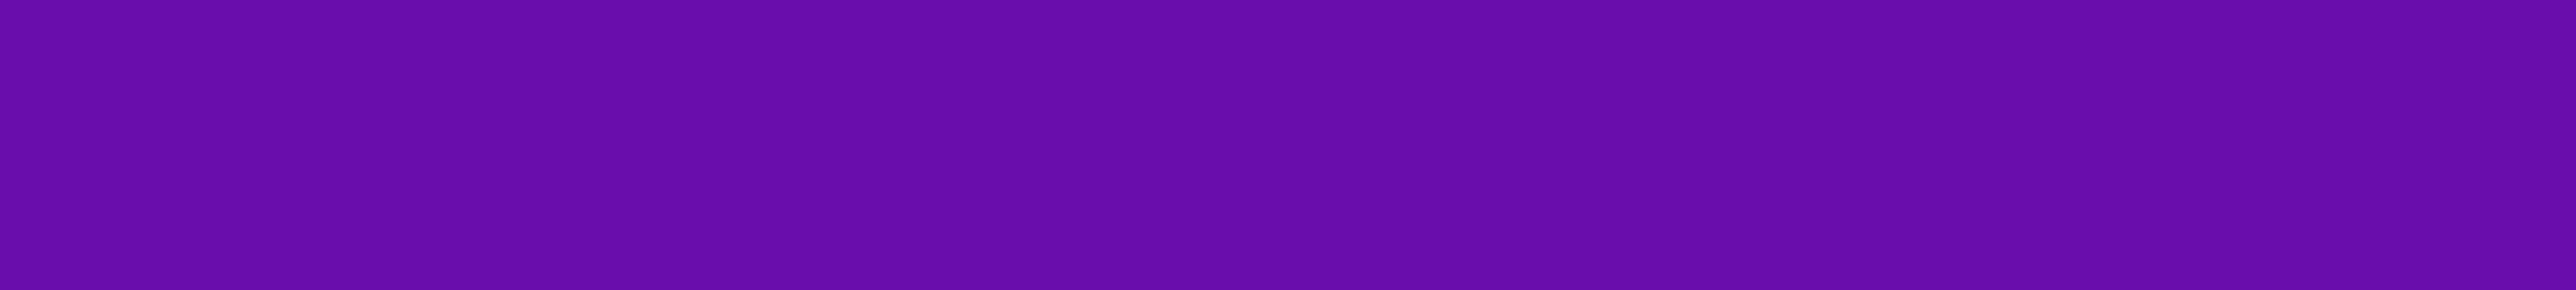 Purple Wildcats